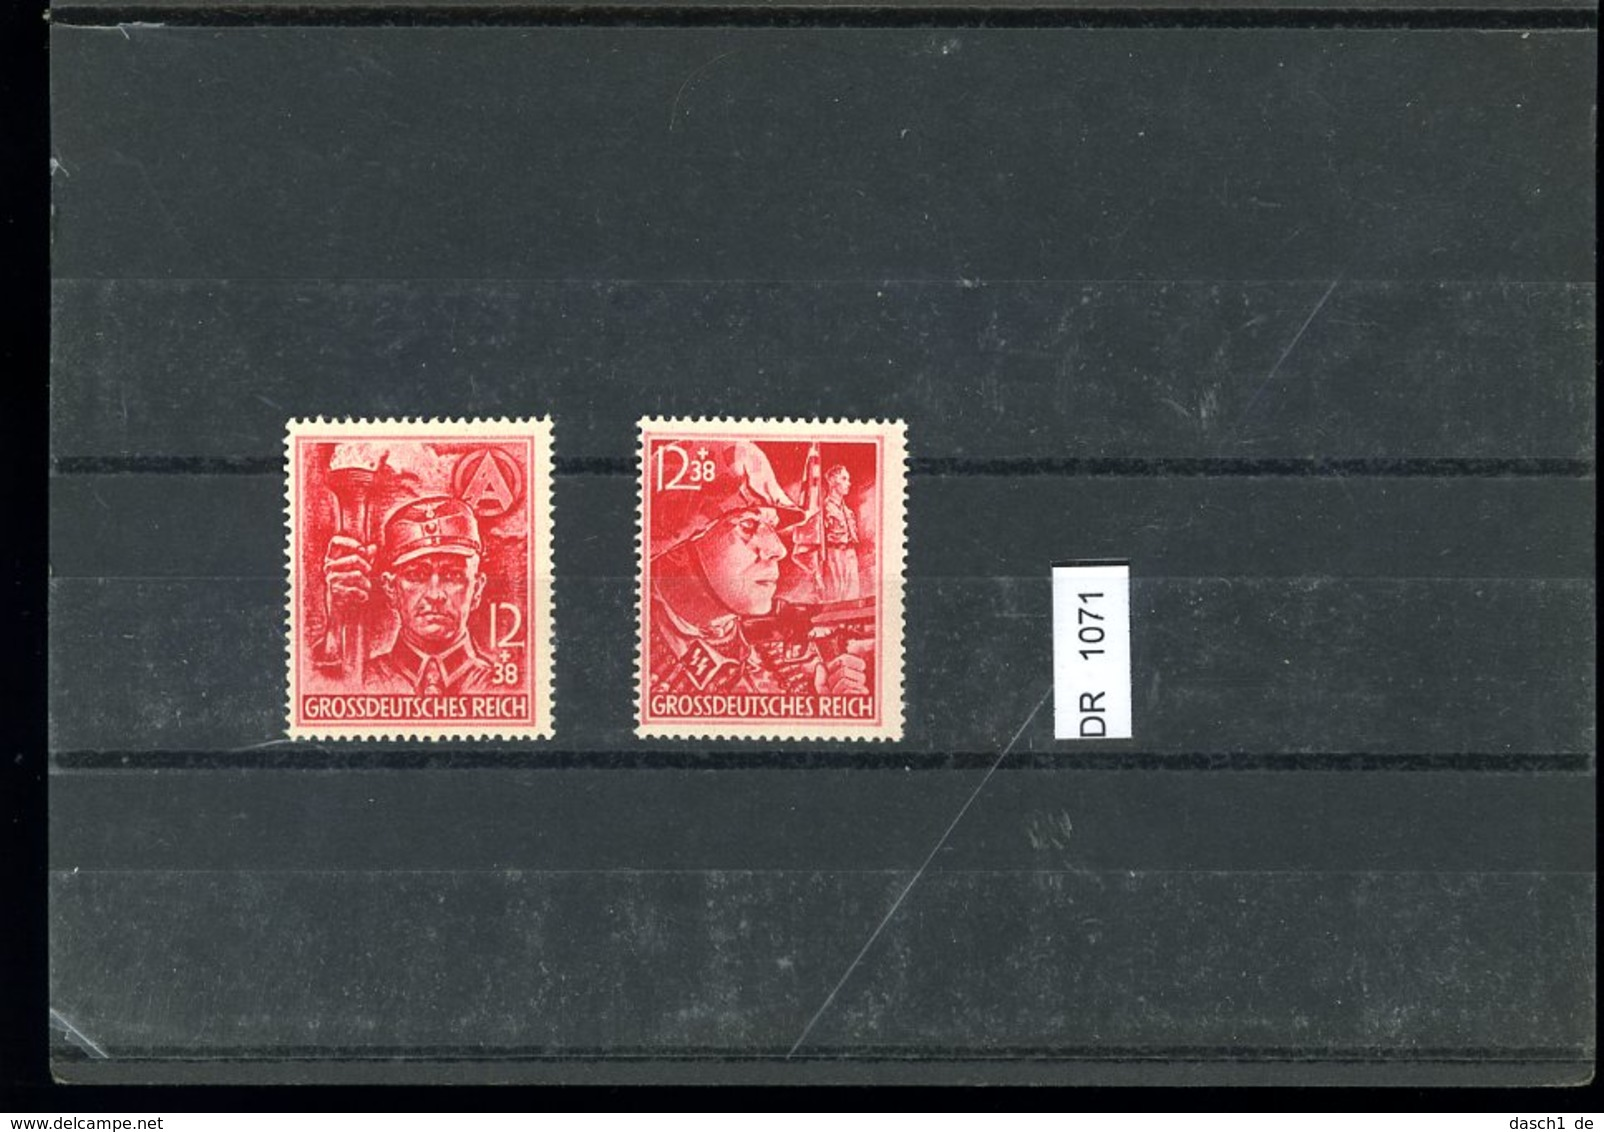 Deutsches Reich, Xx, 909-910 - Ungebraucht